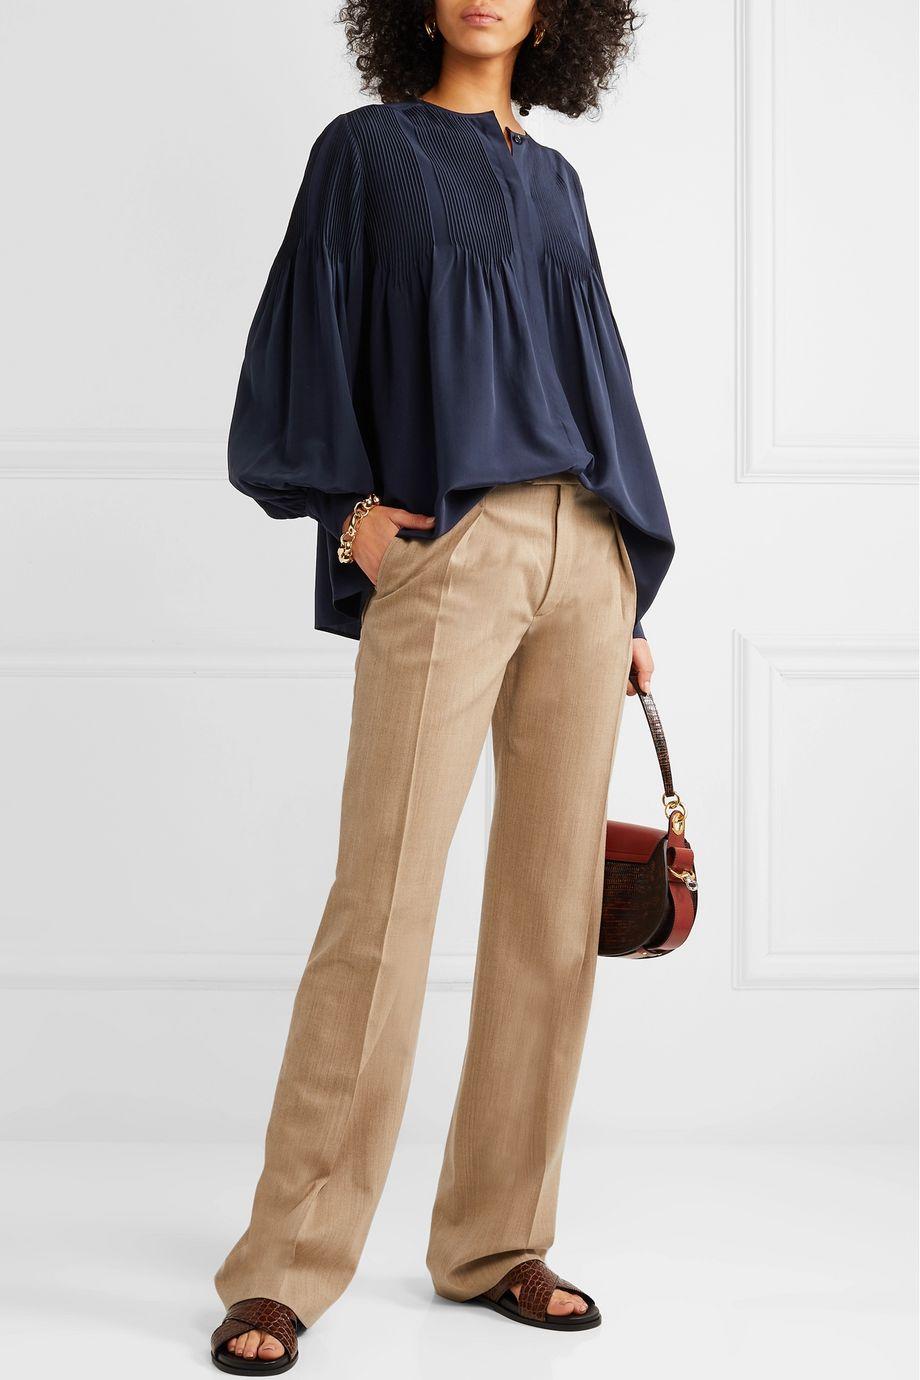 Chloé Pintucked silk blouse